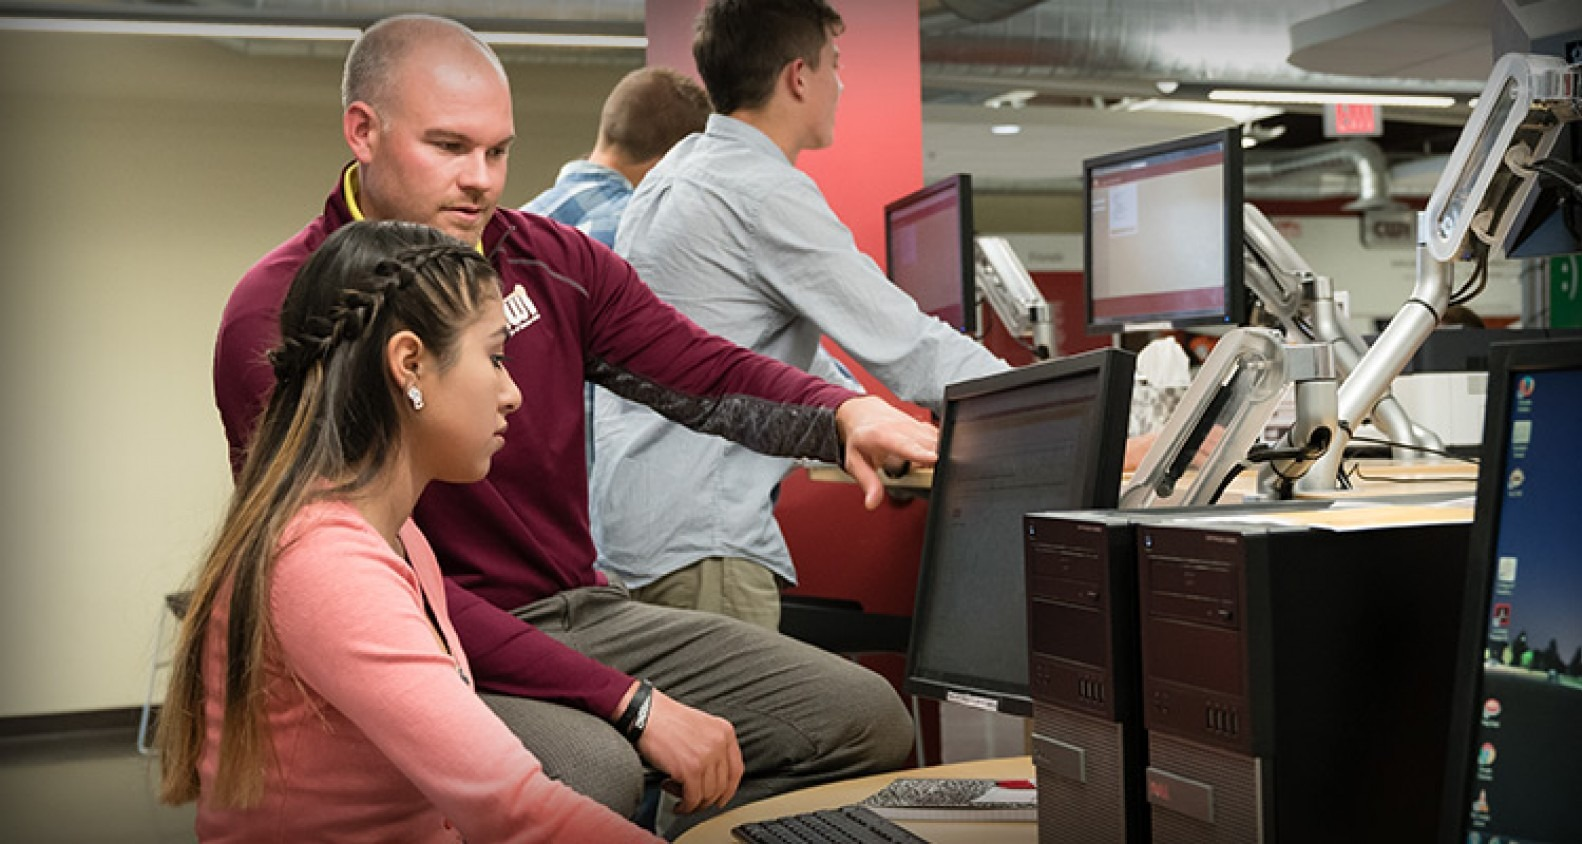 Advisor helping student register for classes.